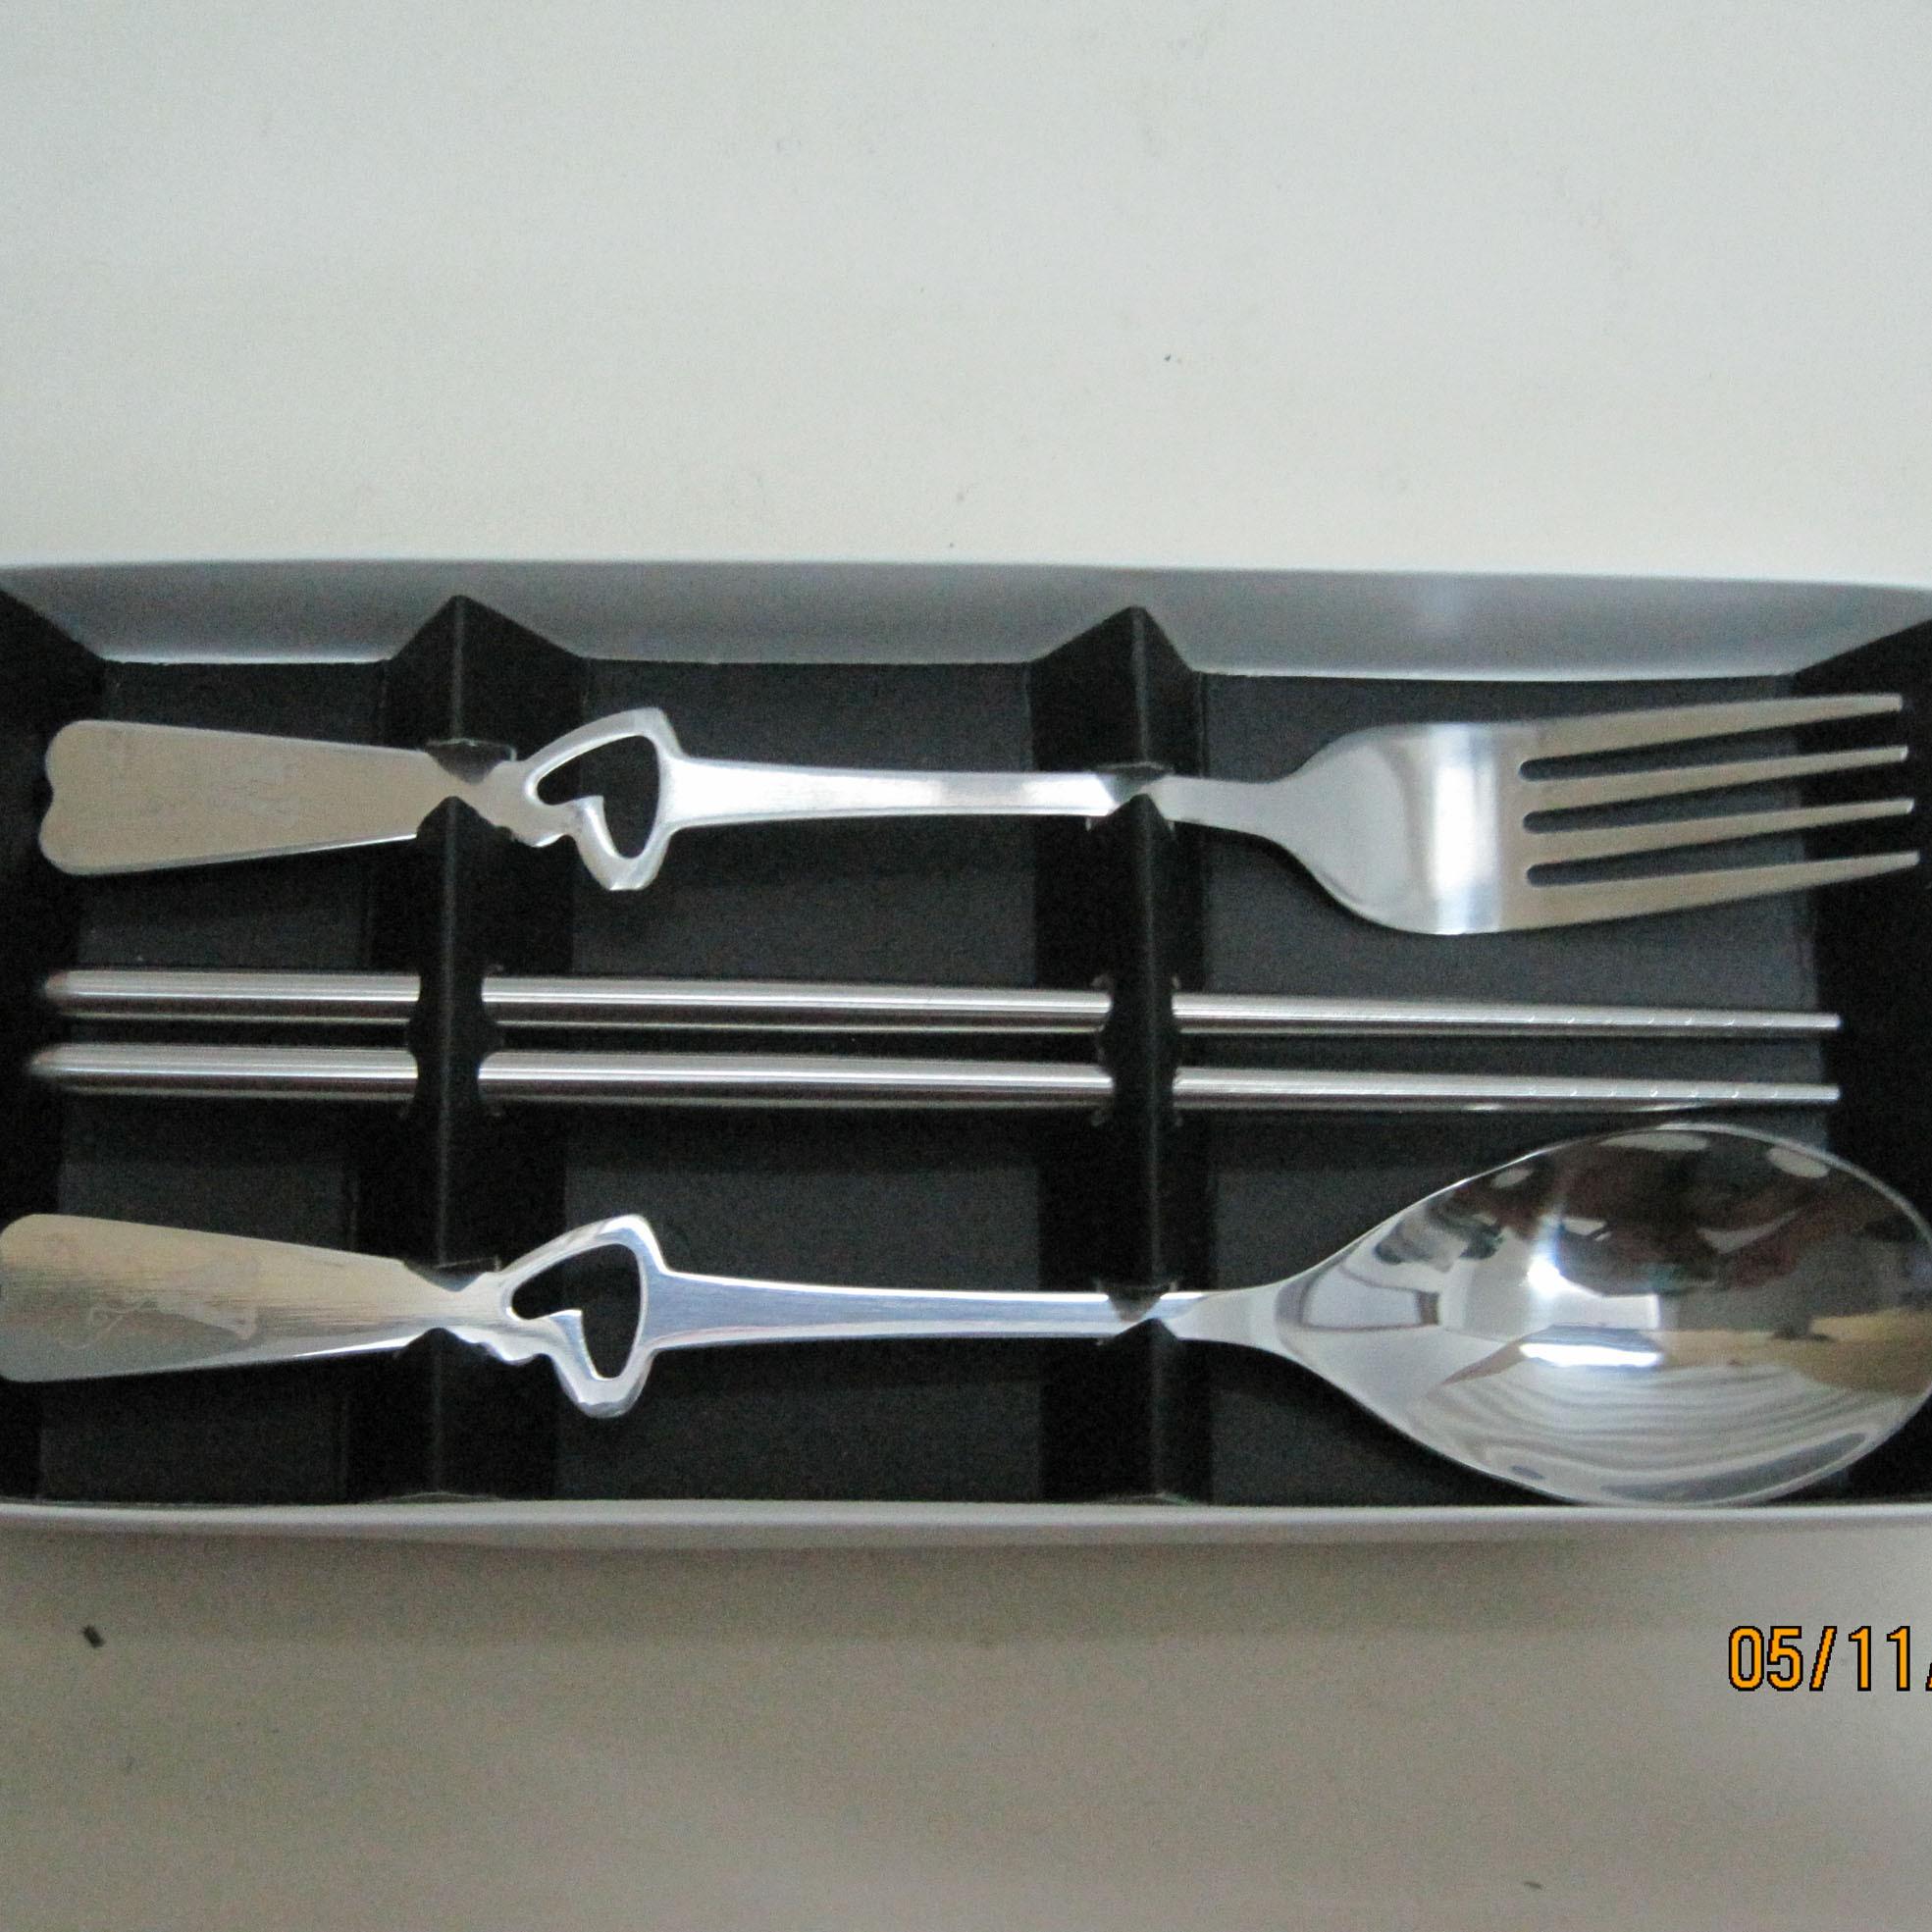 卡通动物餐具盒筷子勺子叉子